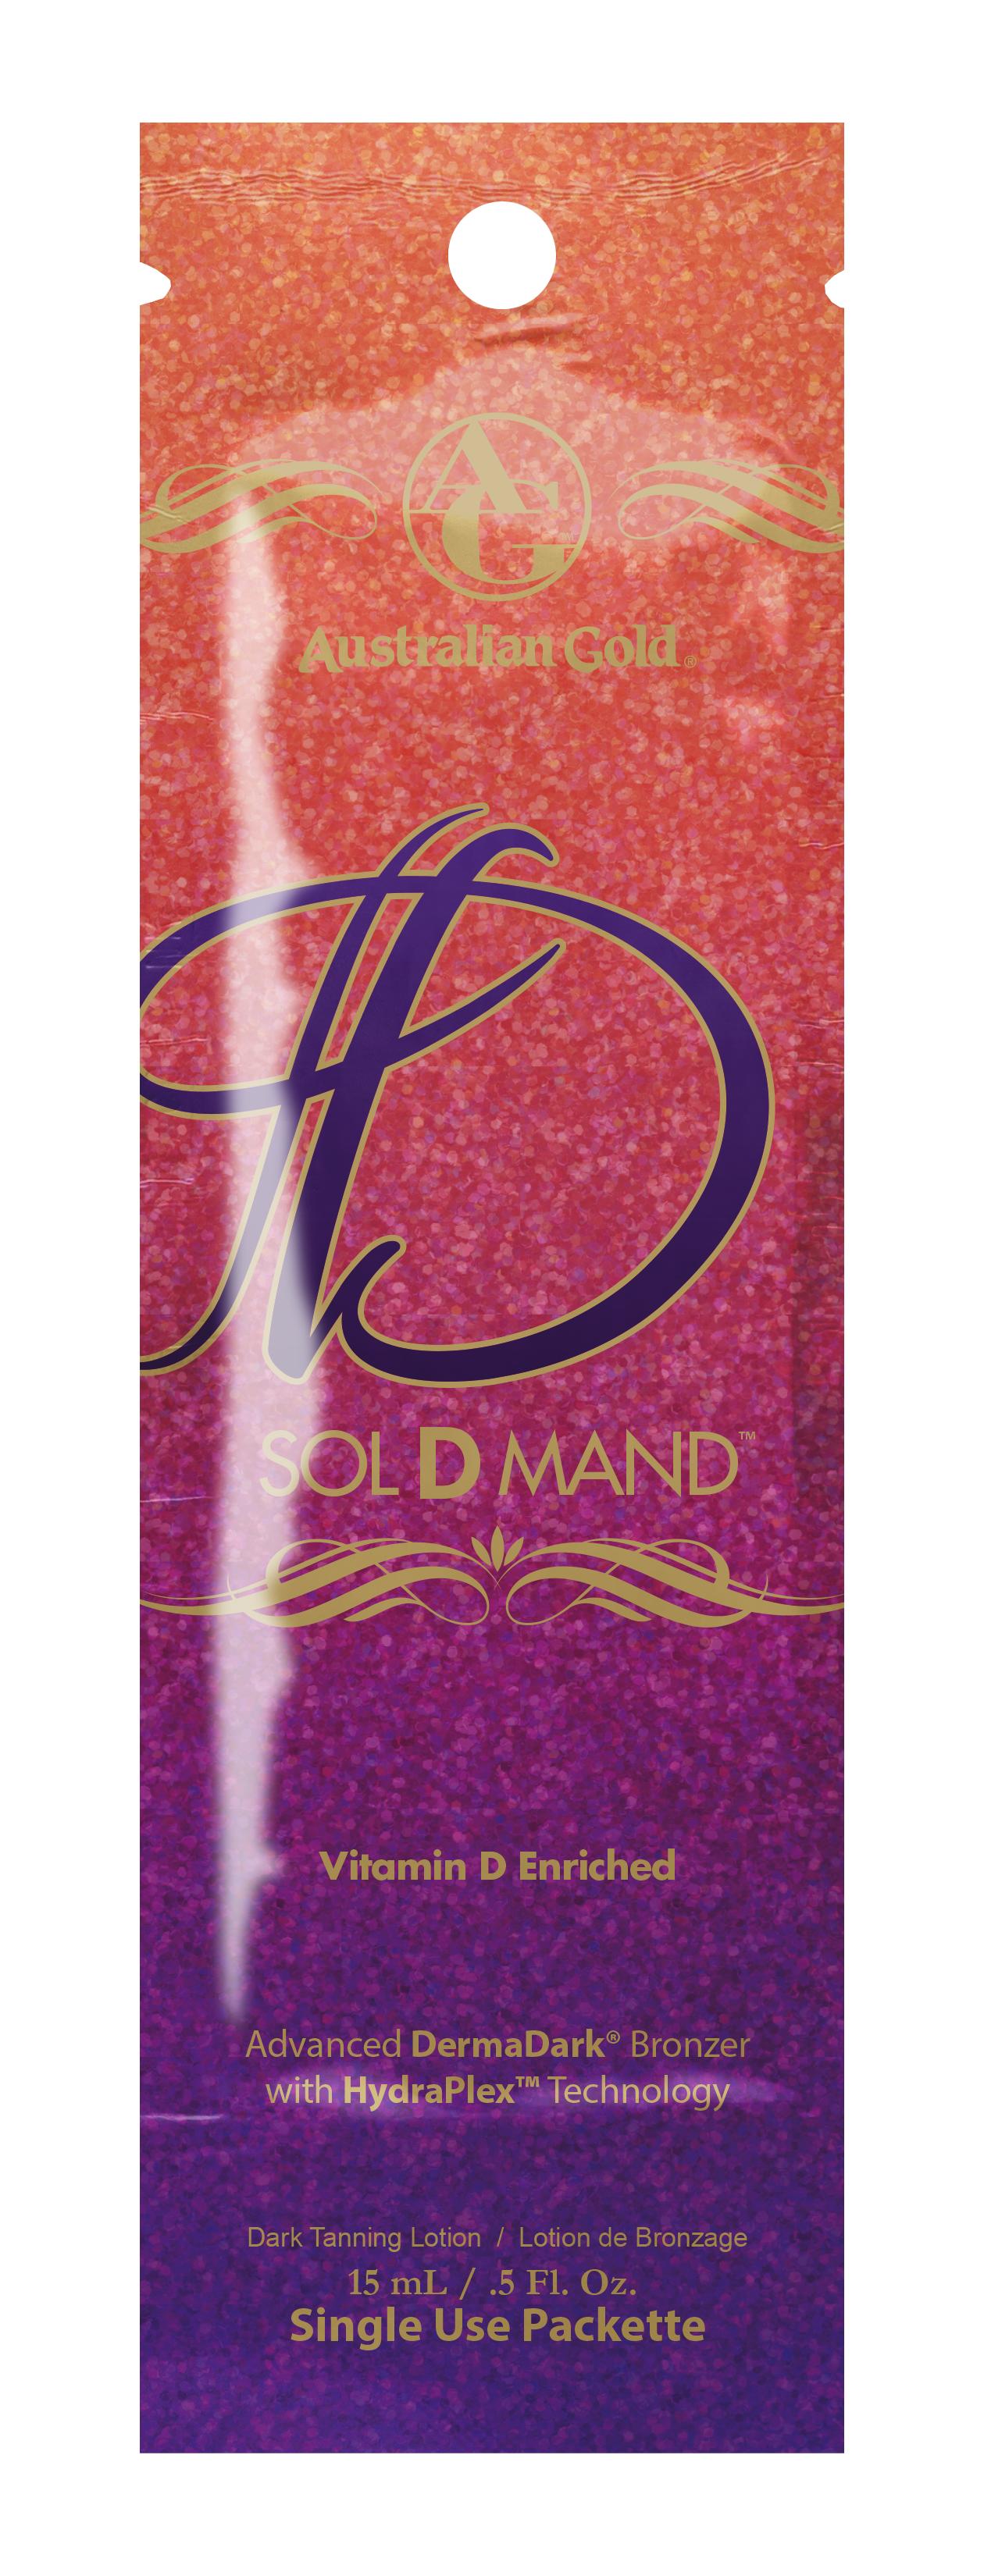 Sol D Mand™ Advanced DermaDark® Bronzer Pkt